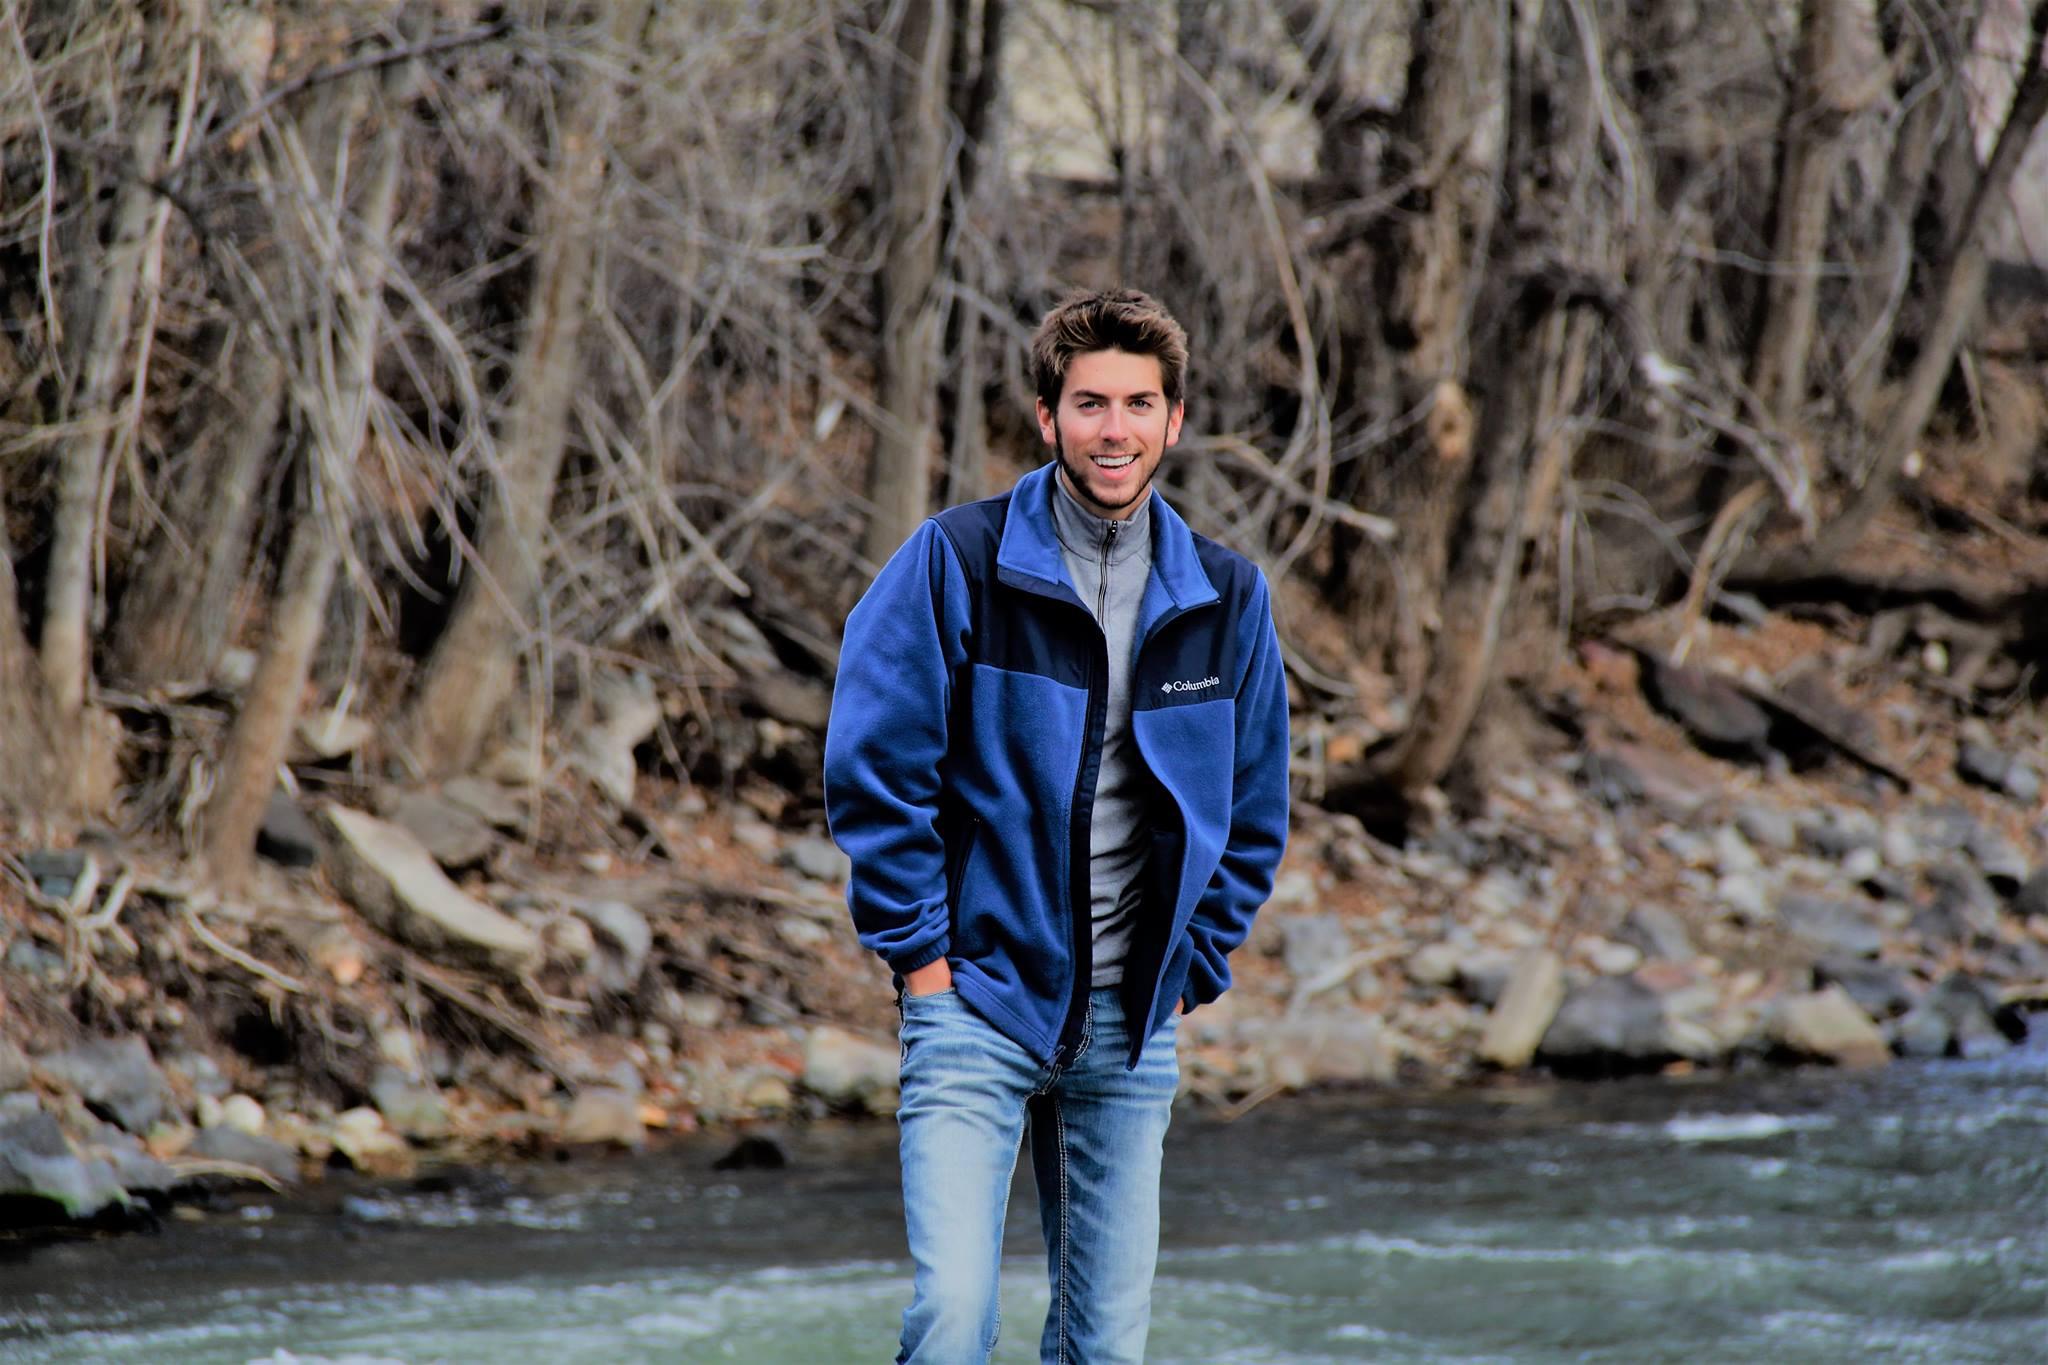 Jake Colorado